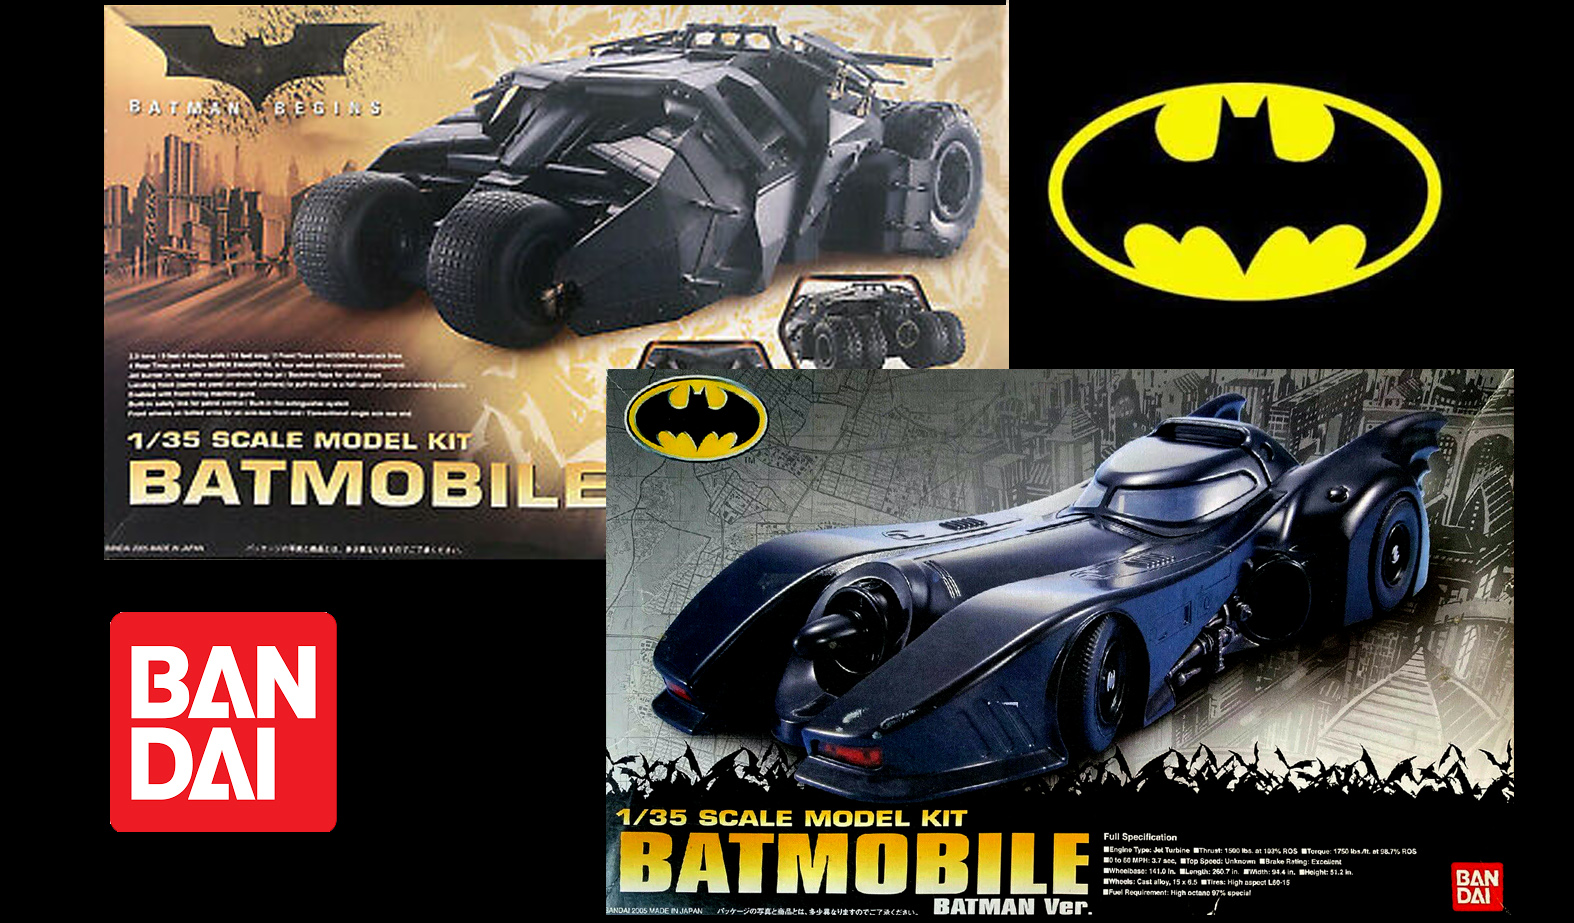 Bandai wznawia modele pojazdów Batmana